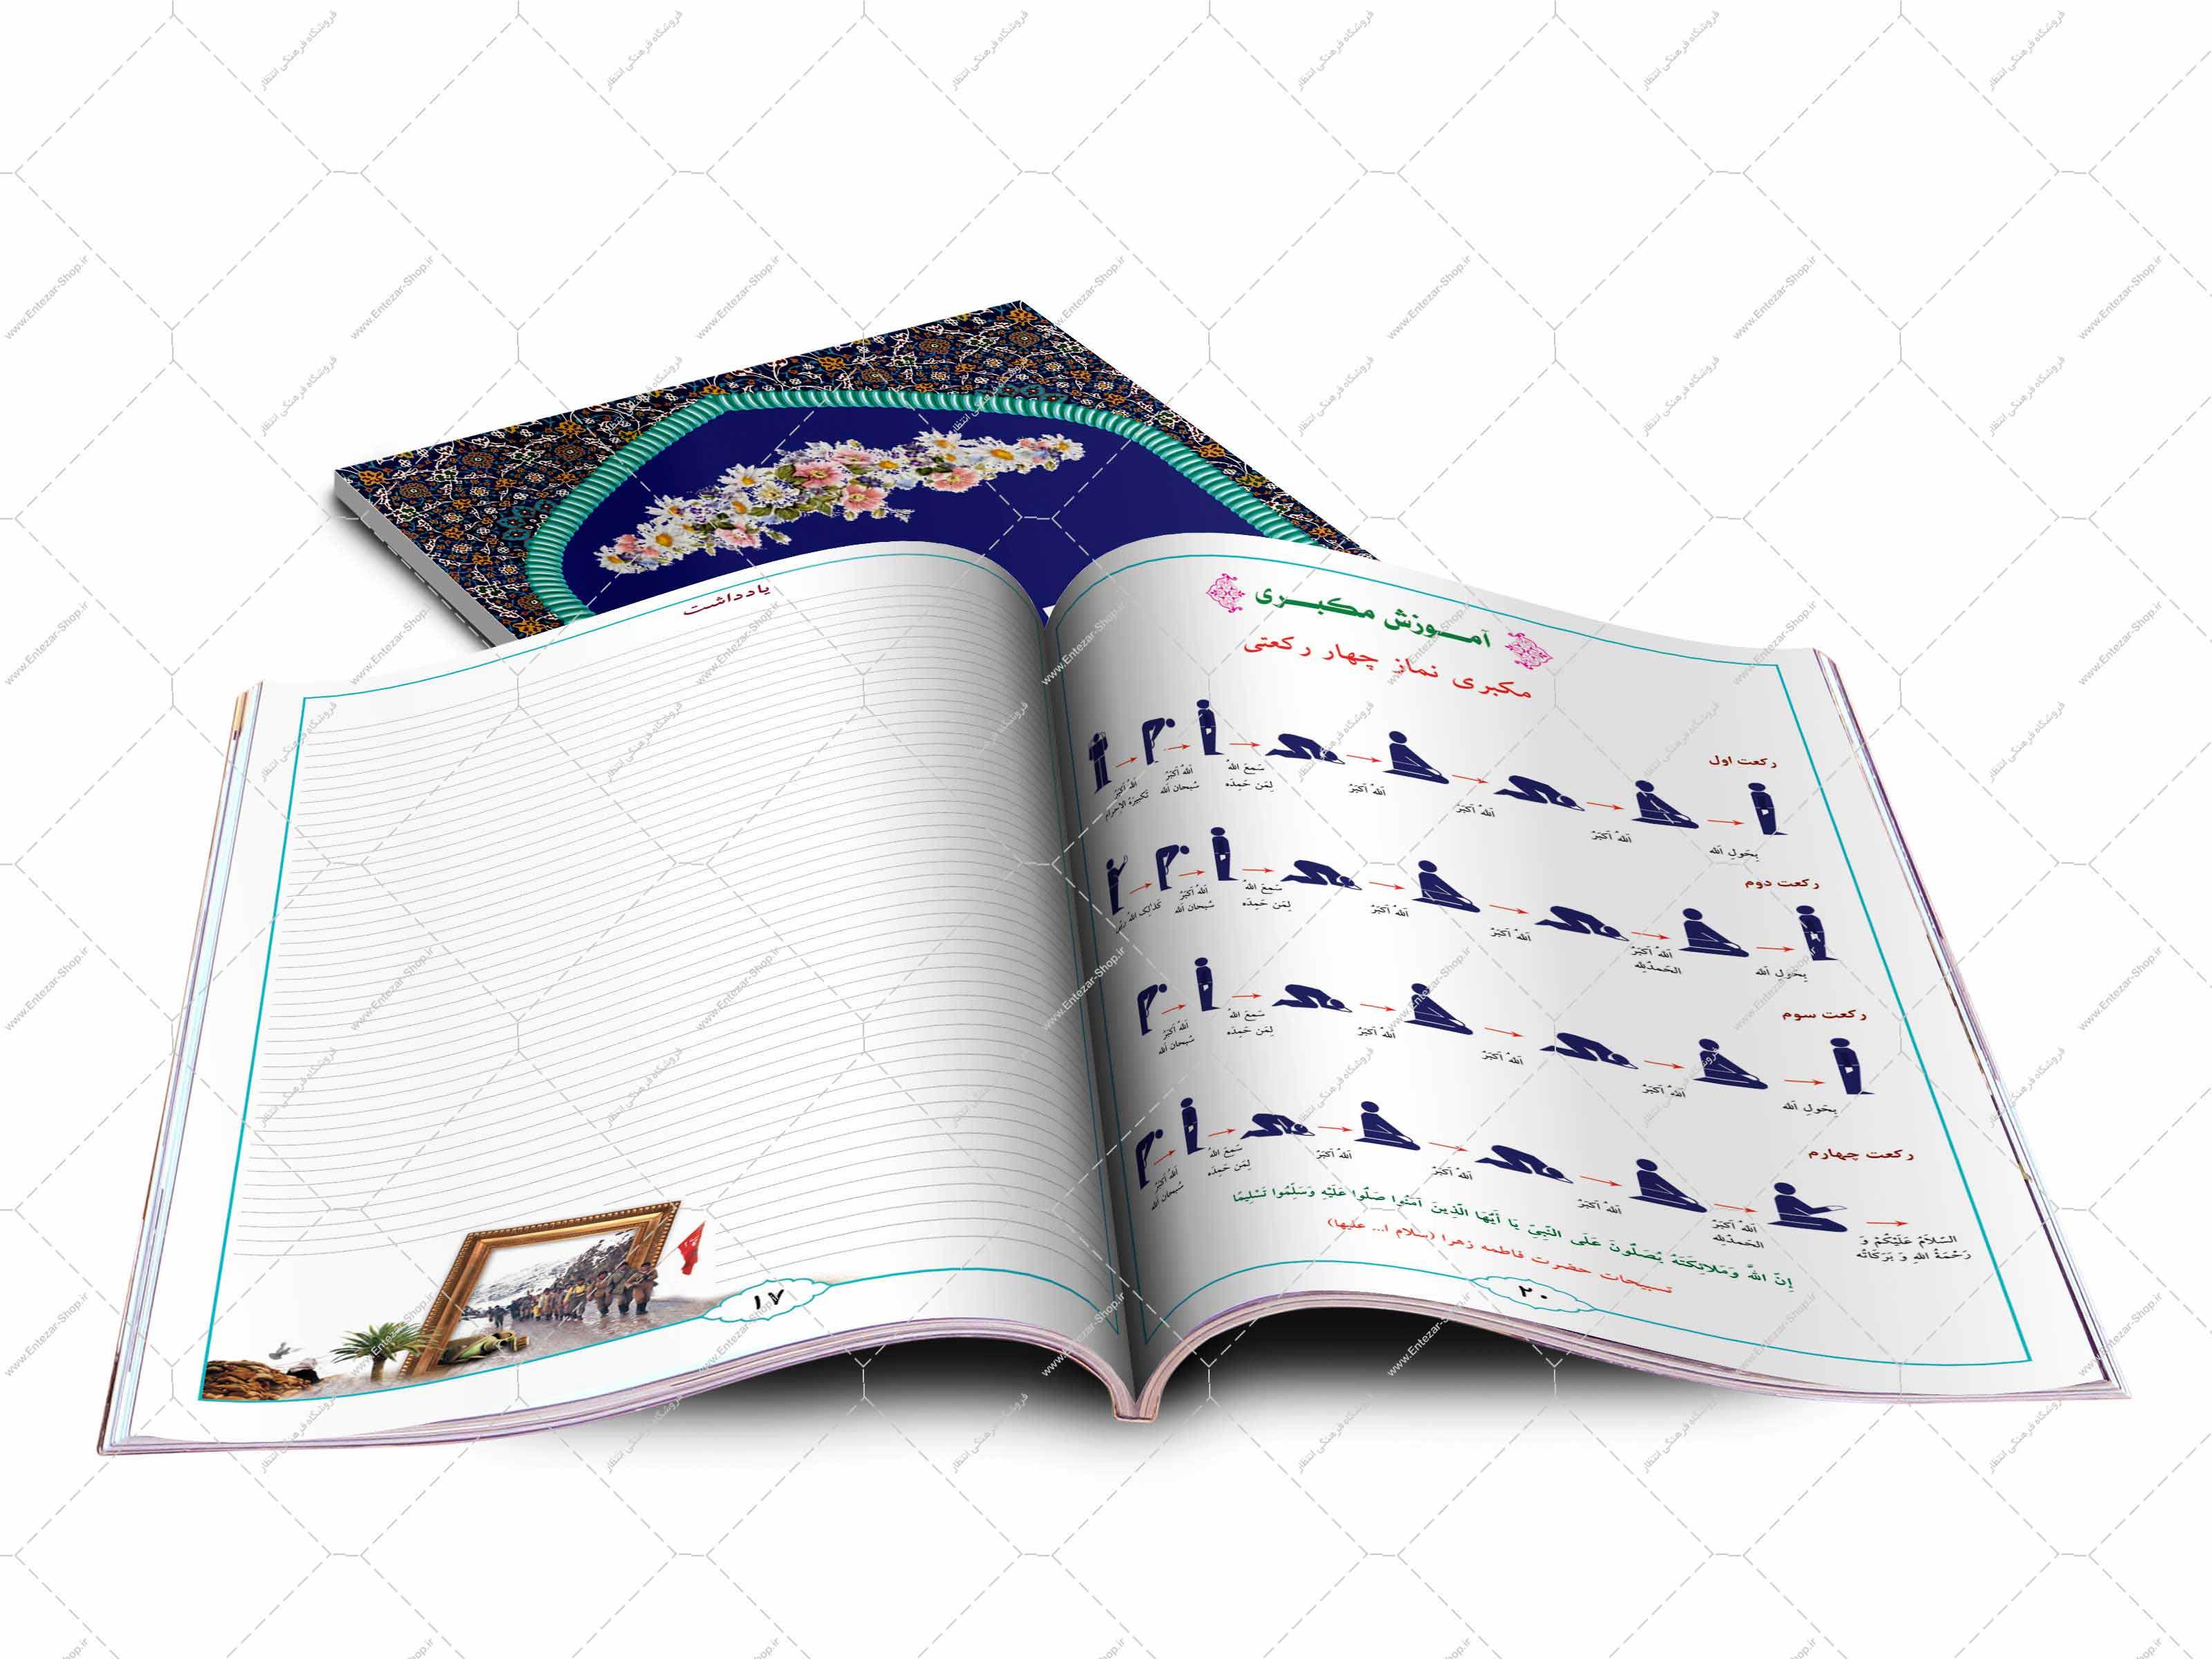 دفترچه نماز